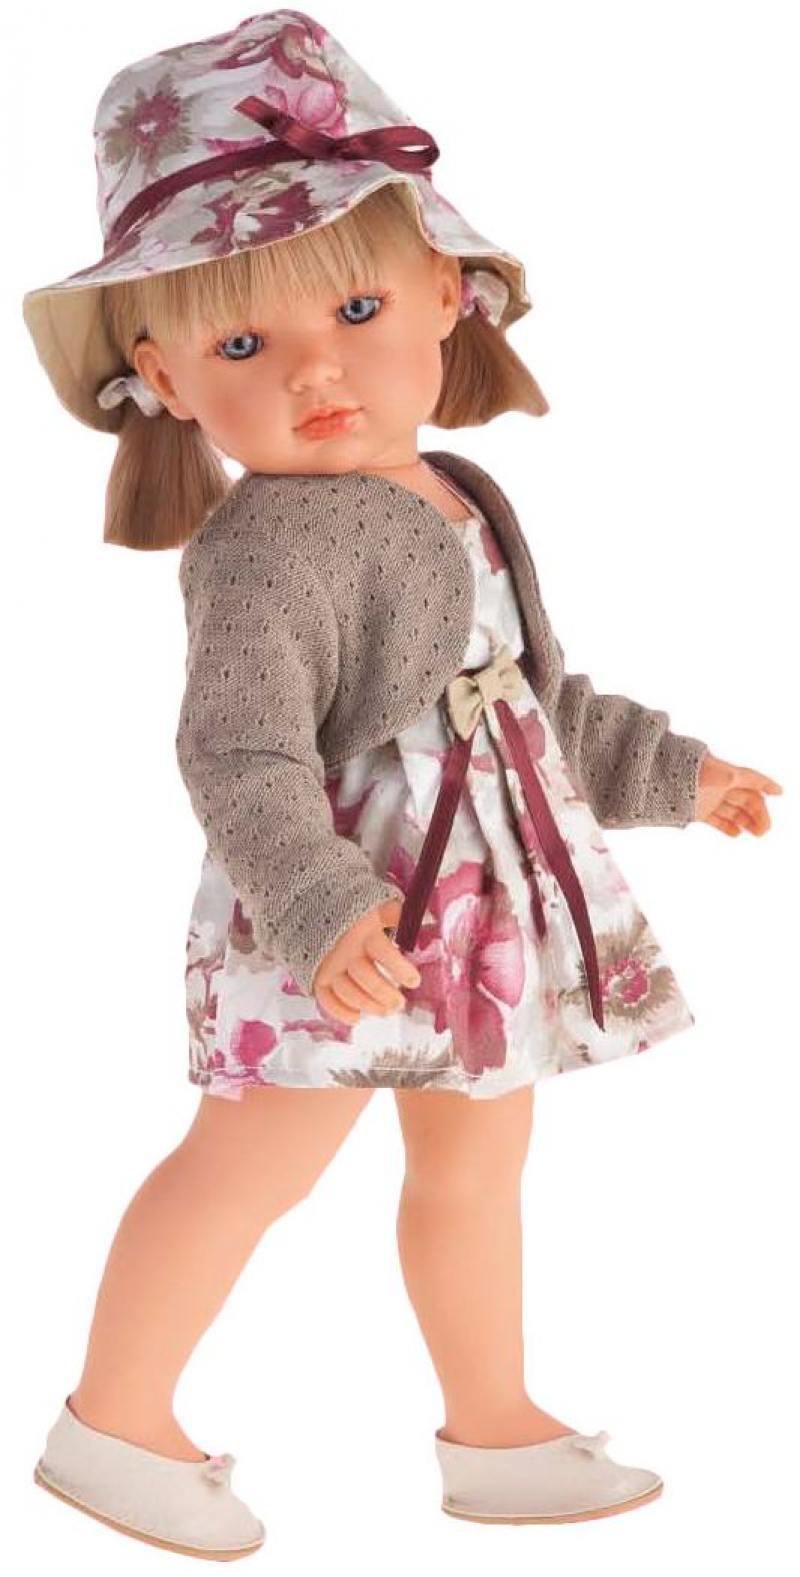 Кукла Munecas Antonio Juan Белла в шляпке, блондинка 45 см 2808P munecas antonio juan munecas antonio juan кукла аделина блондинка 55 см